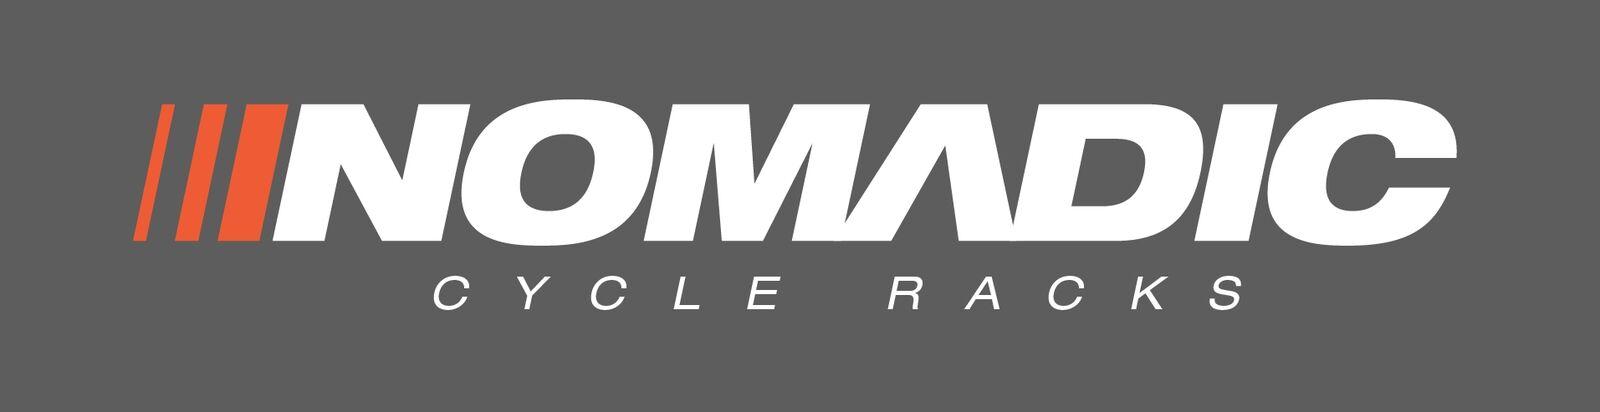 Nomadic Cycle Racks